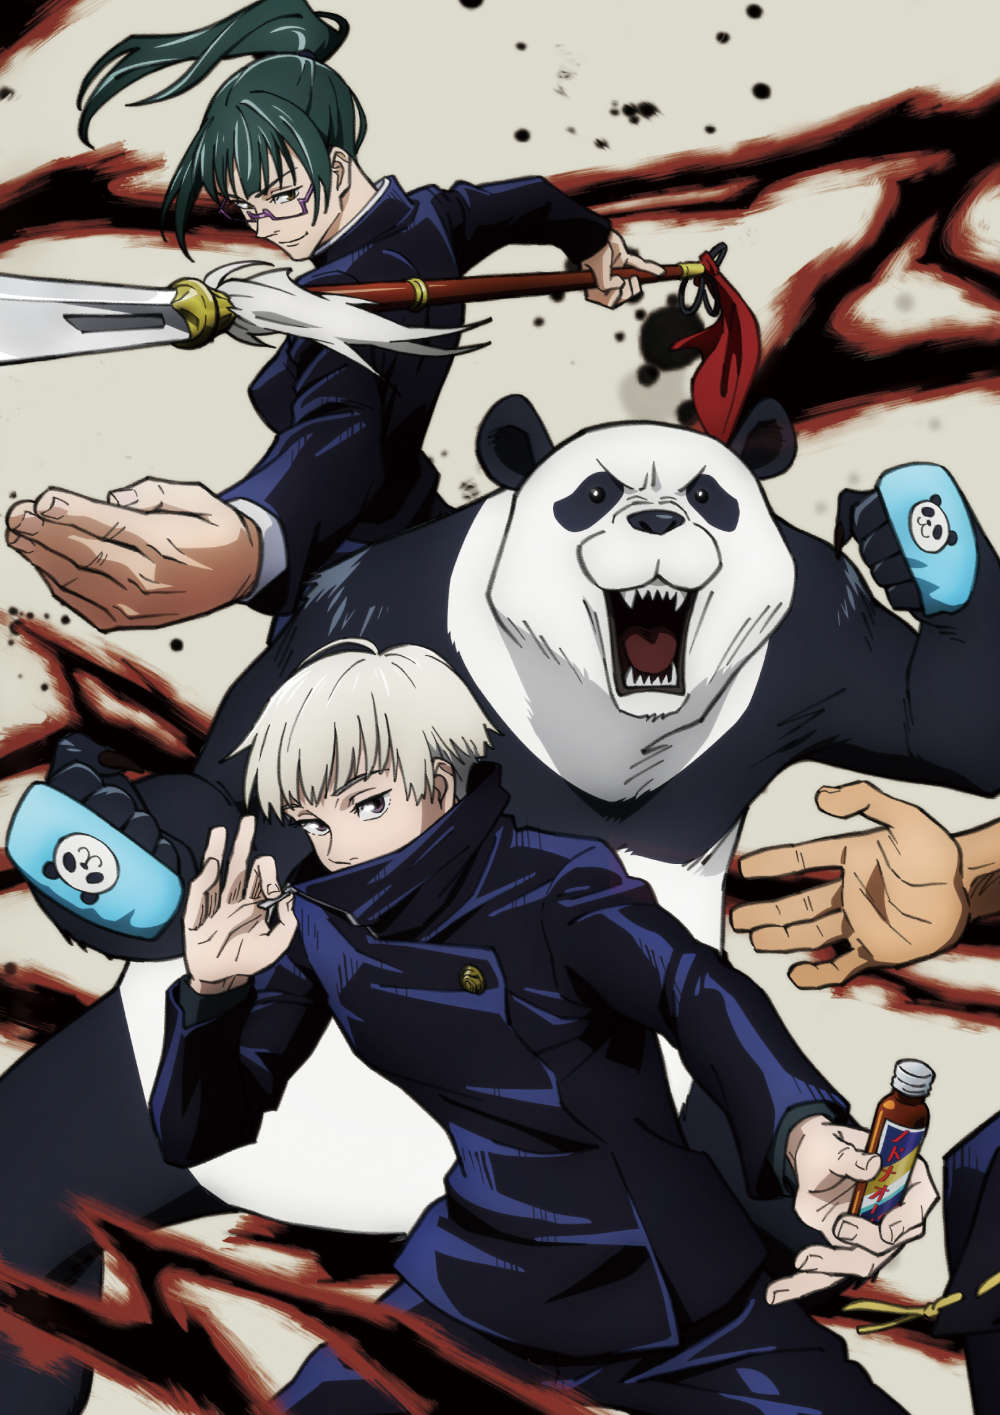 呪術廻戦 Vol.5 初回生産限定版 Blu-ray